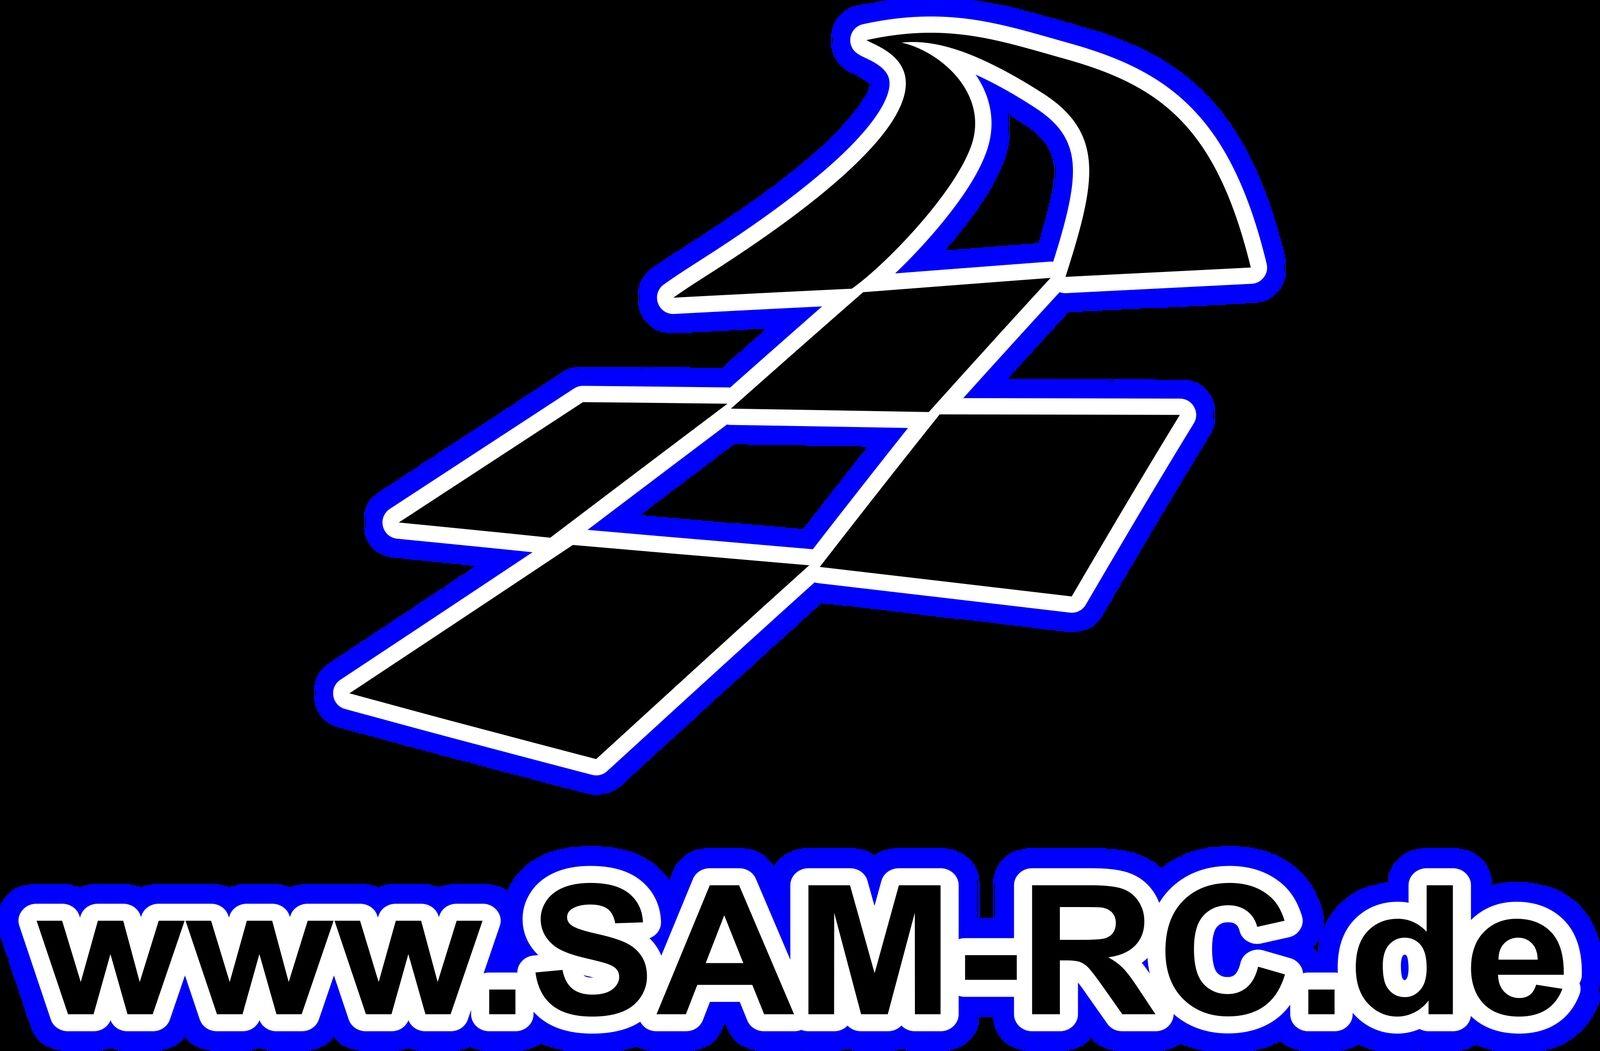 SAM-RC